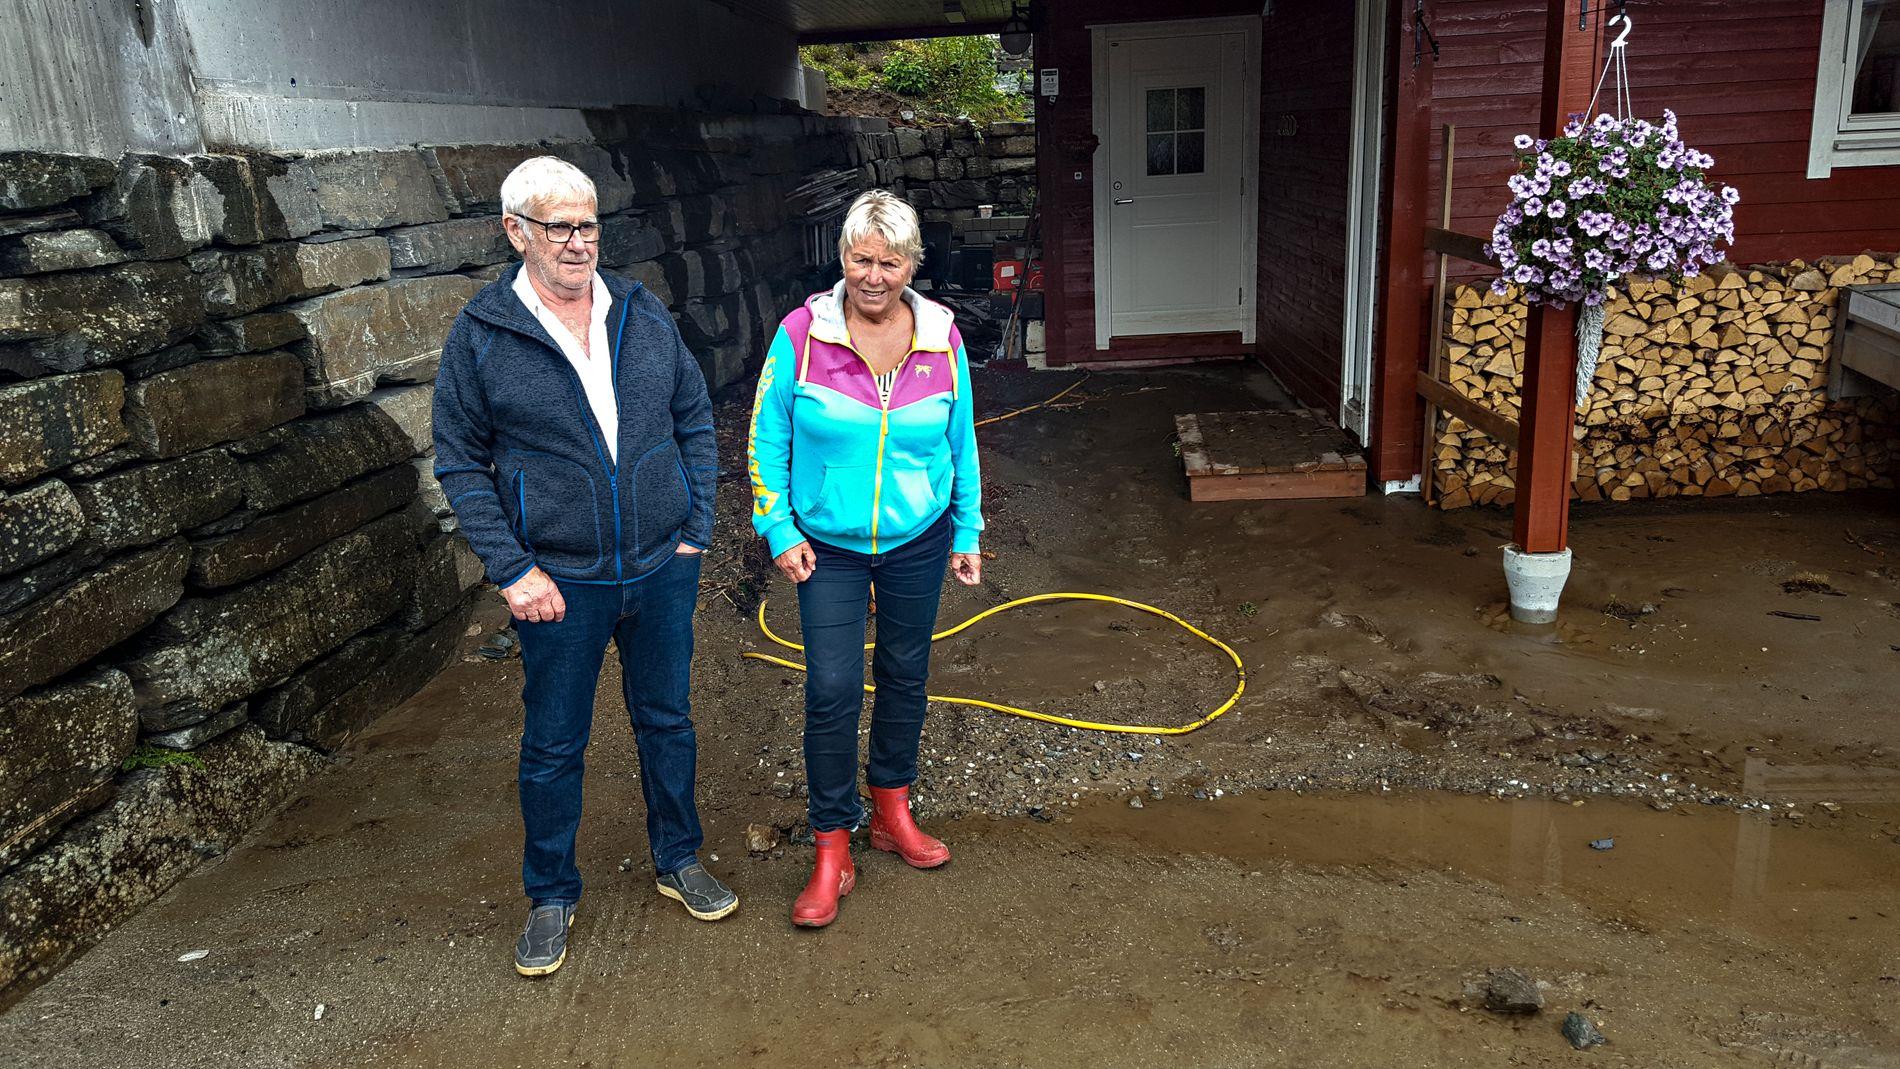 HJEMME IGJEN: Martha og ektemannen Inge Hamre utenfor huset. I natt fryktet hun at huset skulle gå tapt i raset.